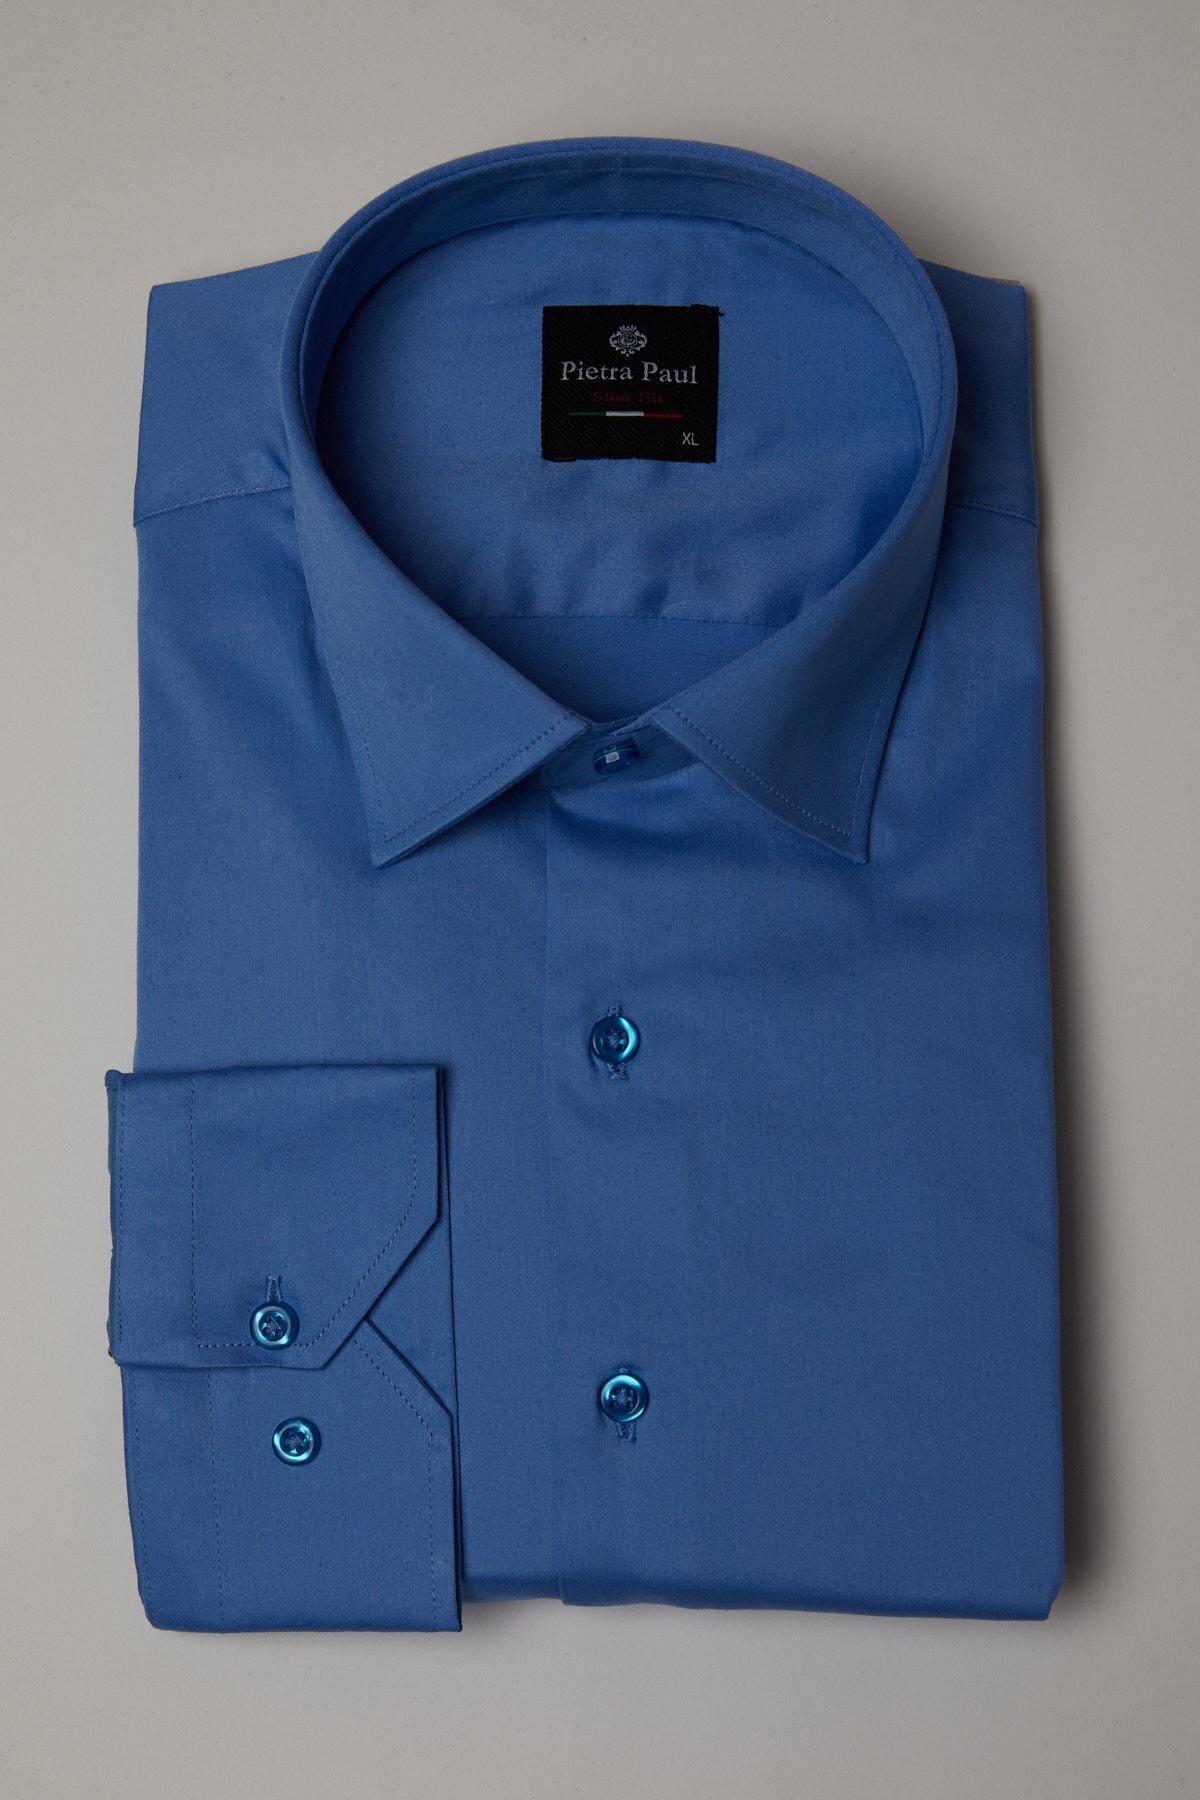 Pietra Paul Slim Fit Düz Likralı Saten Erkek Gömlek 2